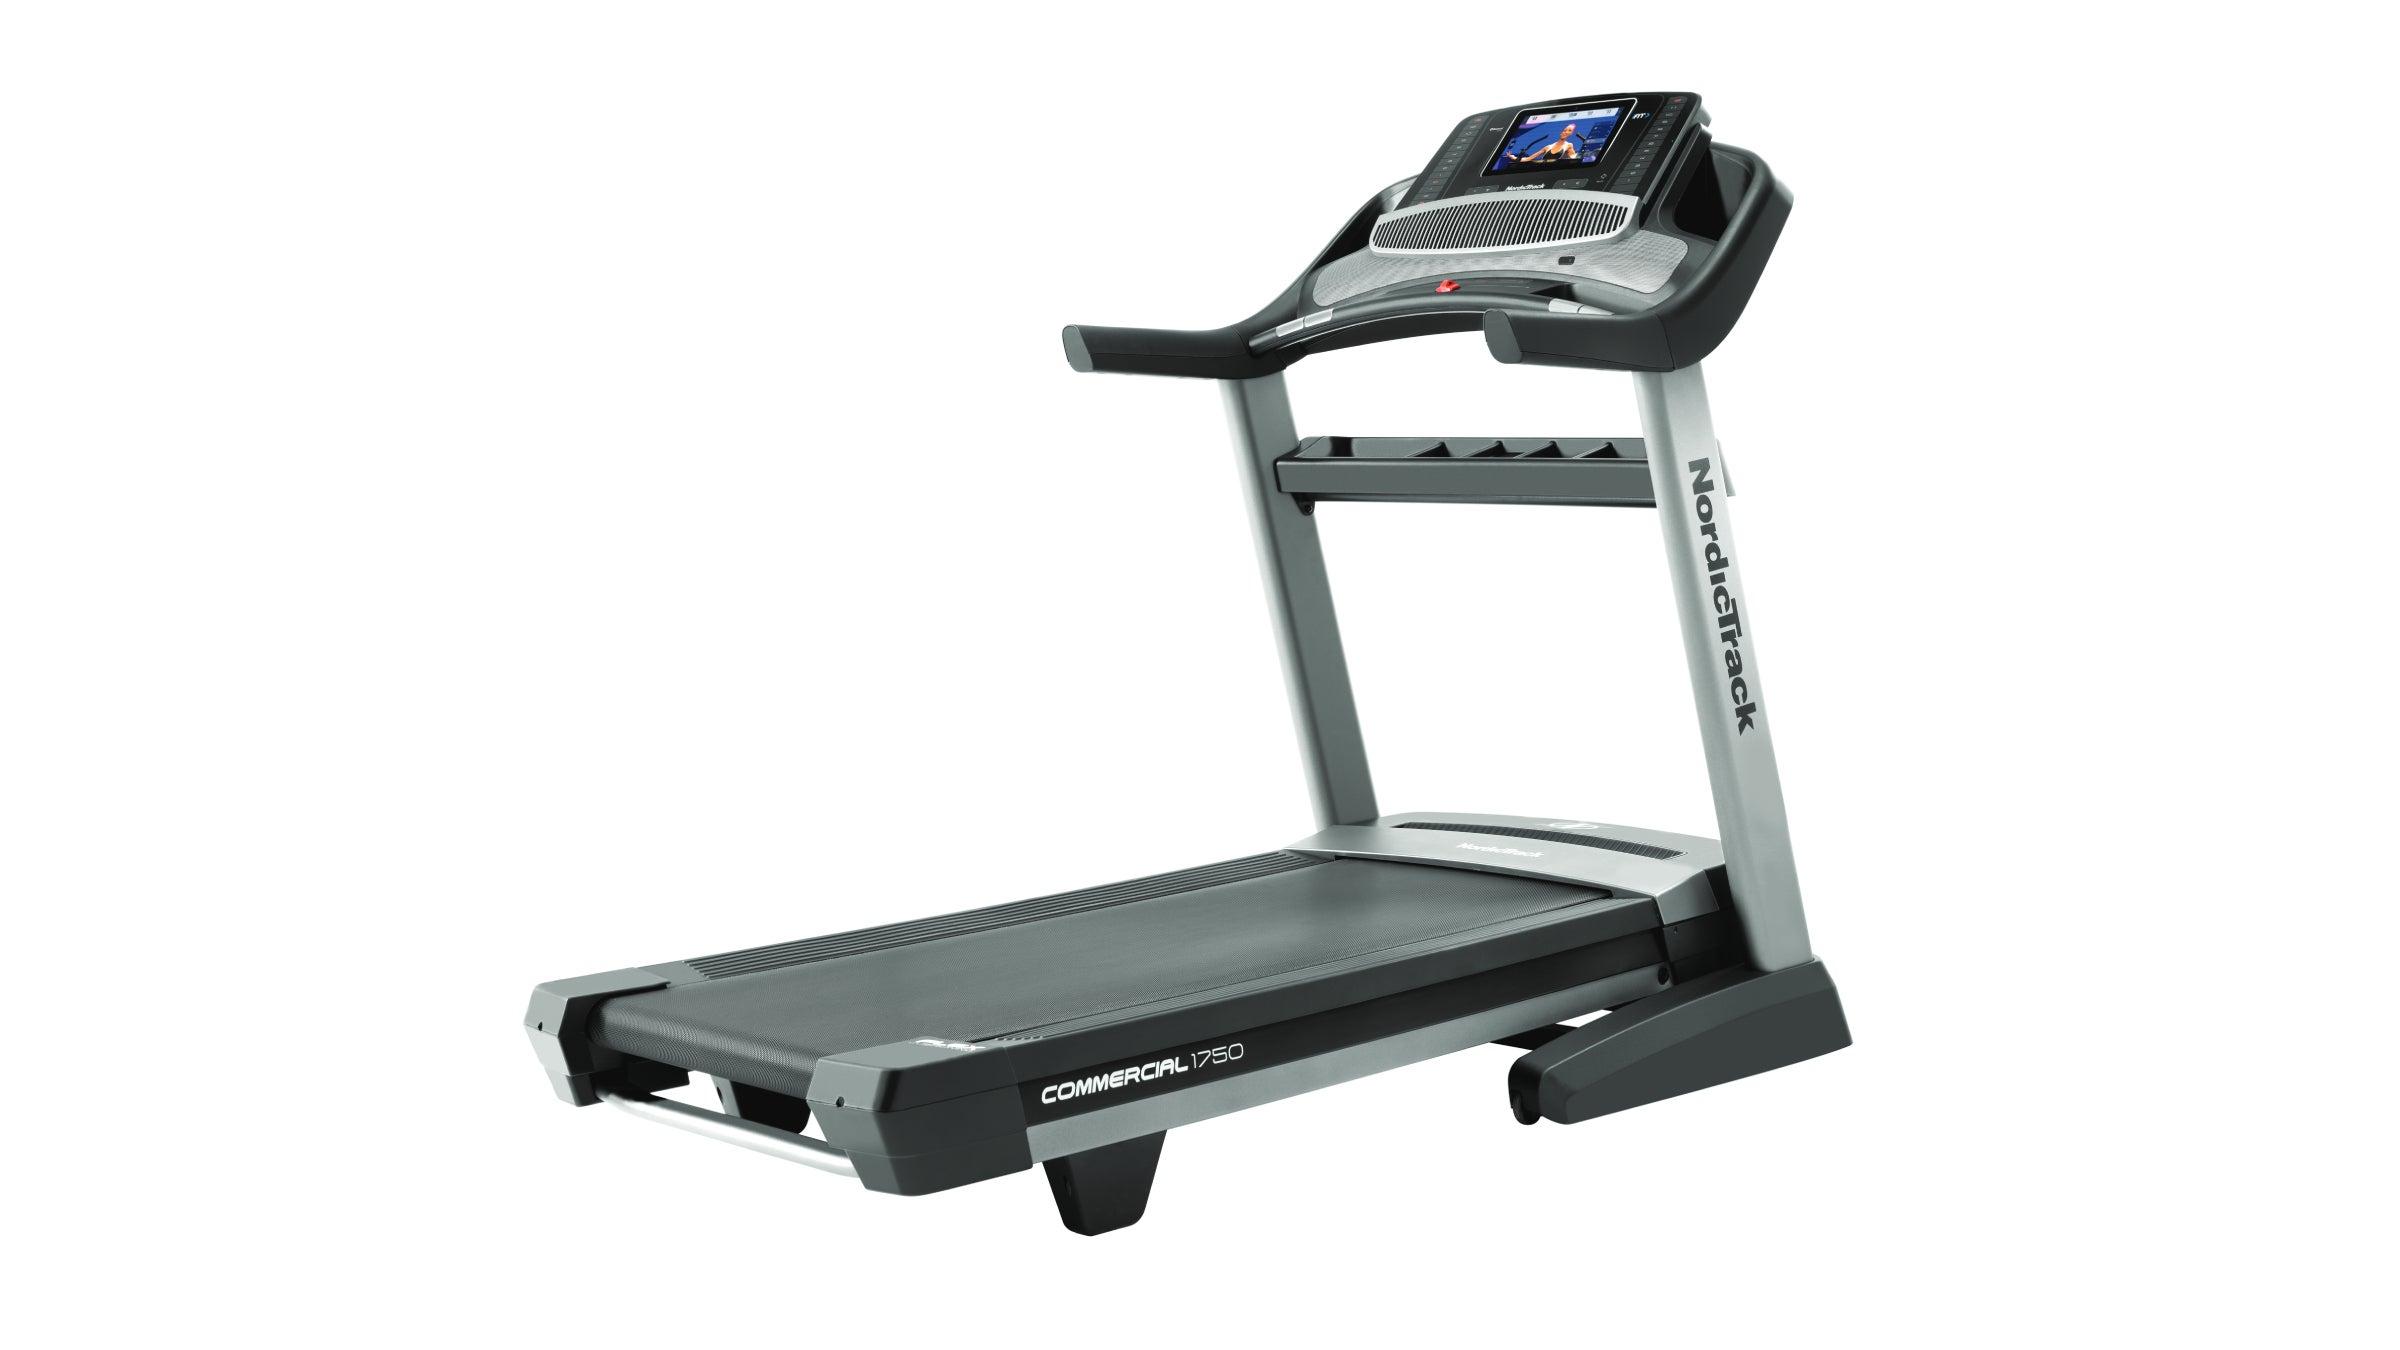 Norictrack treadmill